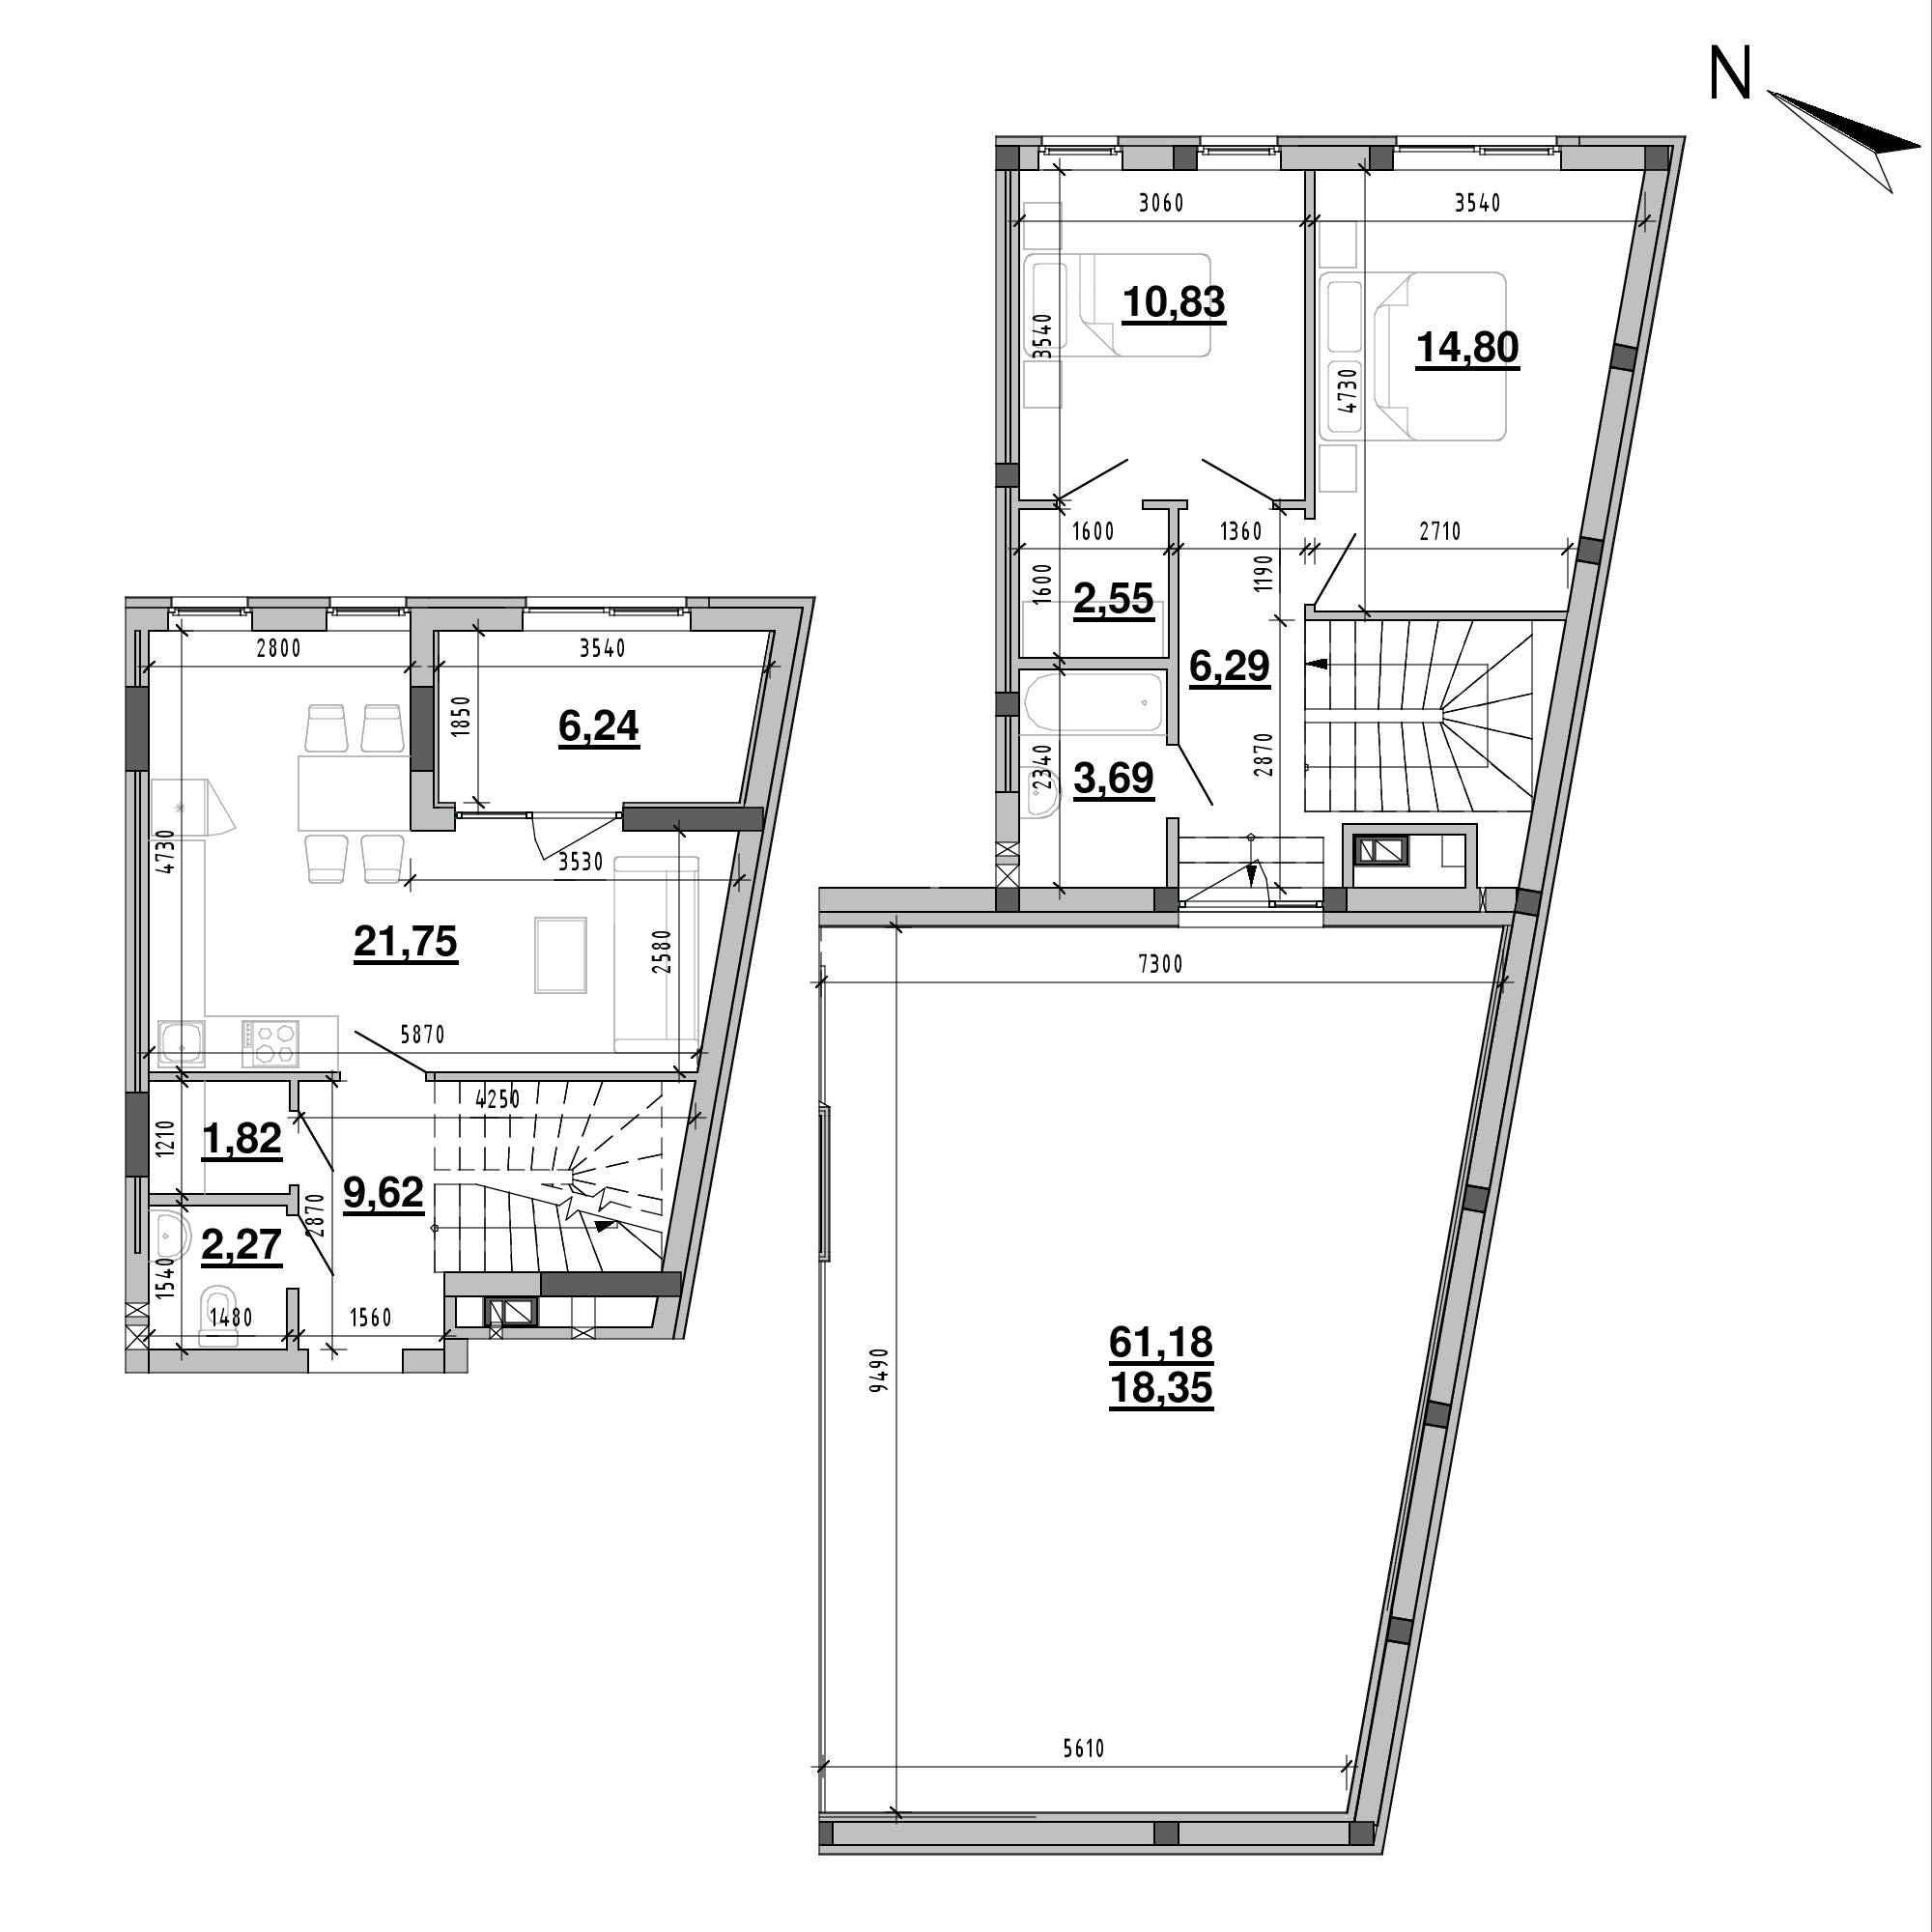 ЖК Підзамче. Брама: планування 2-кімнатної квартири, №18а, 98.21 м<sup>2</sup>